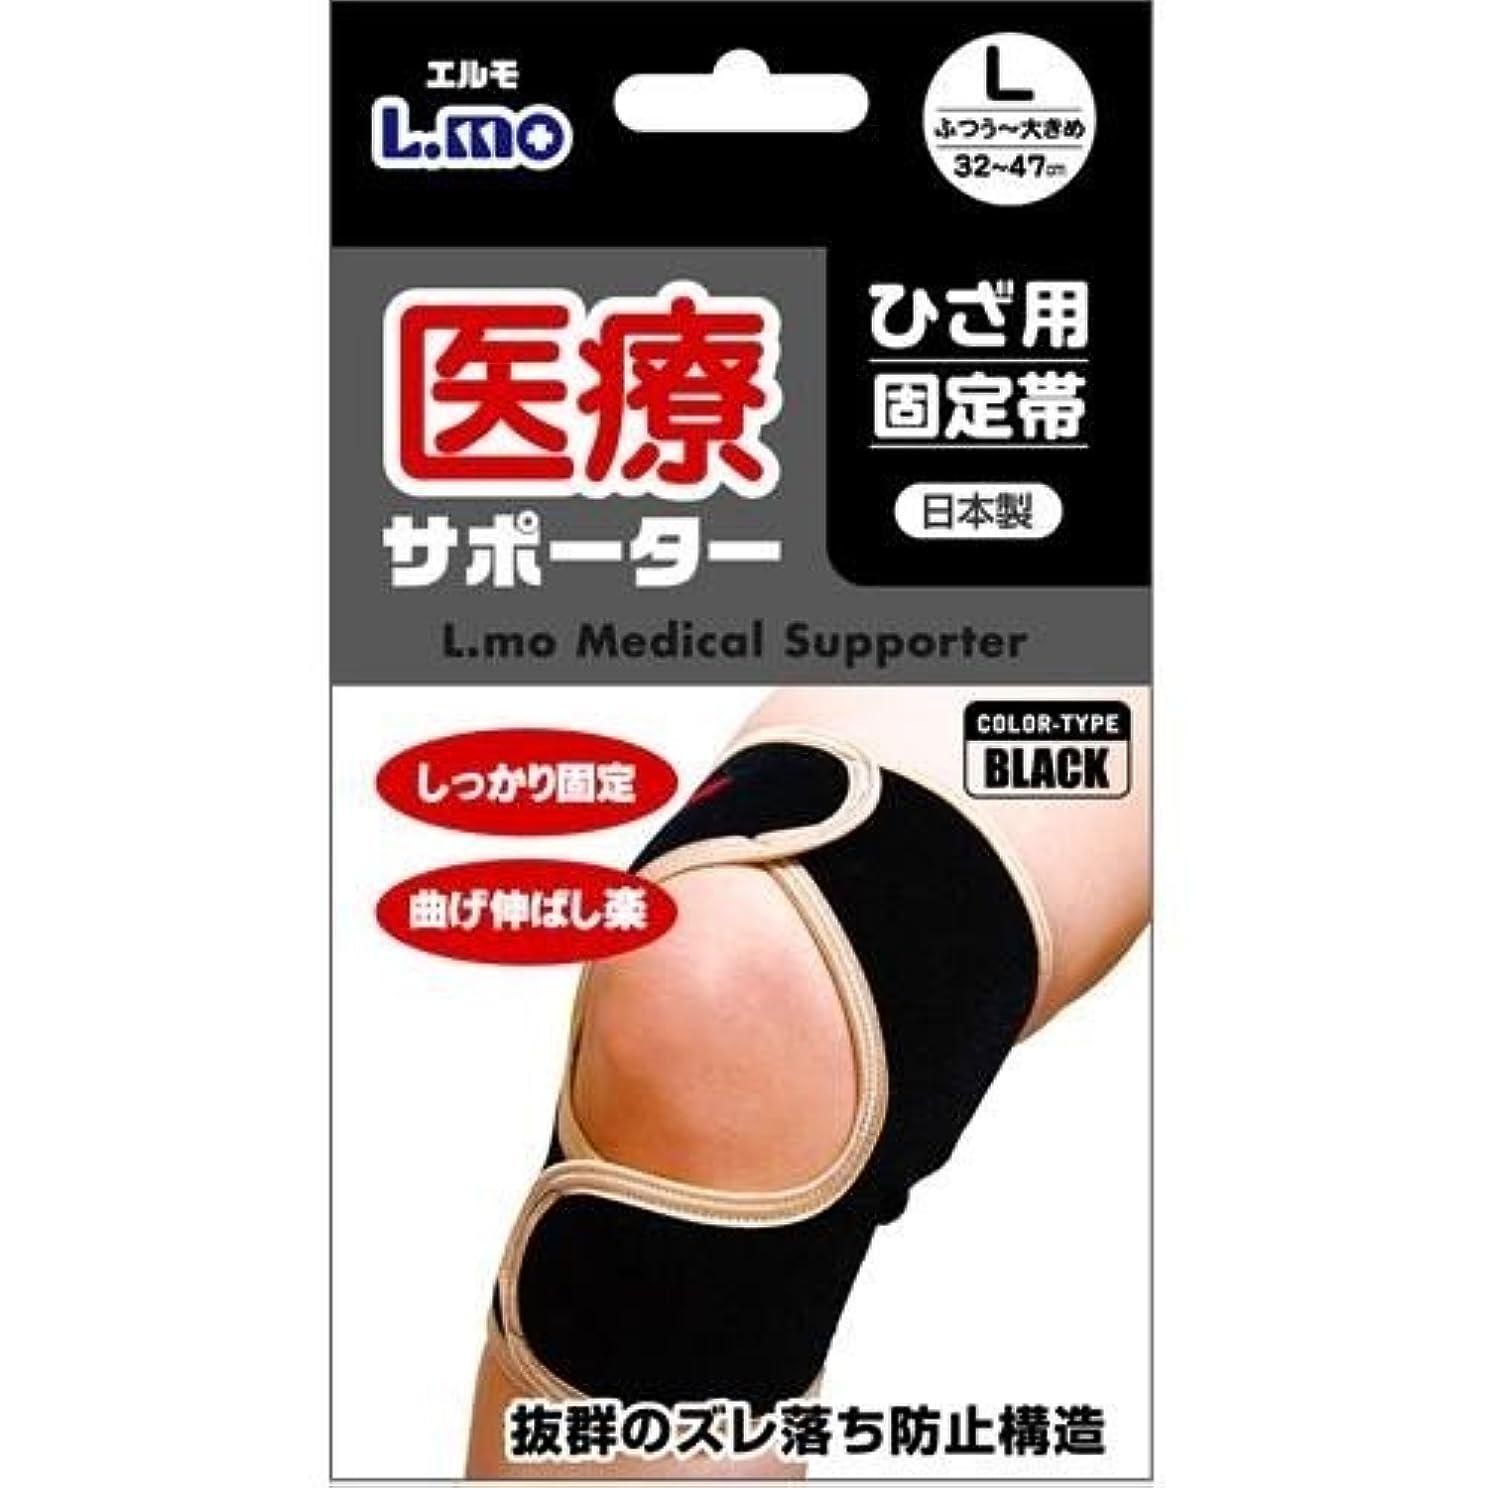 絶対に成分強要エルモ医療サポーター ひざ用固定帯 ブラック ■2種類の内「Mサイズ?786492」を1点のみです